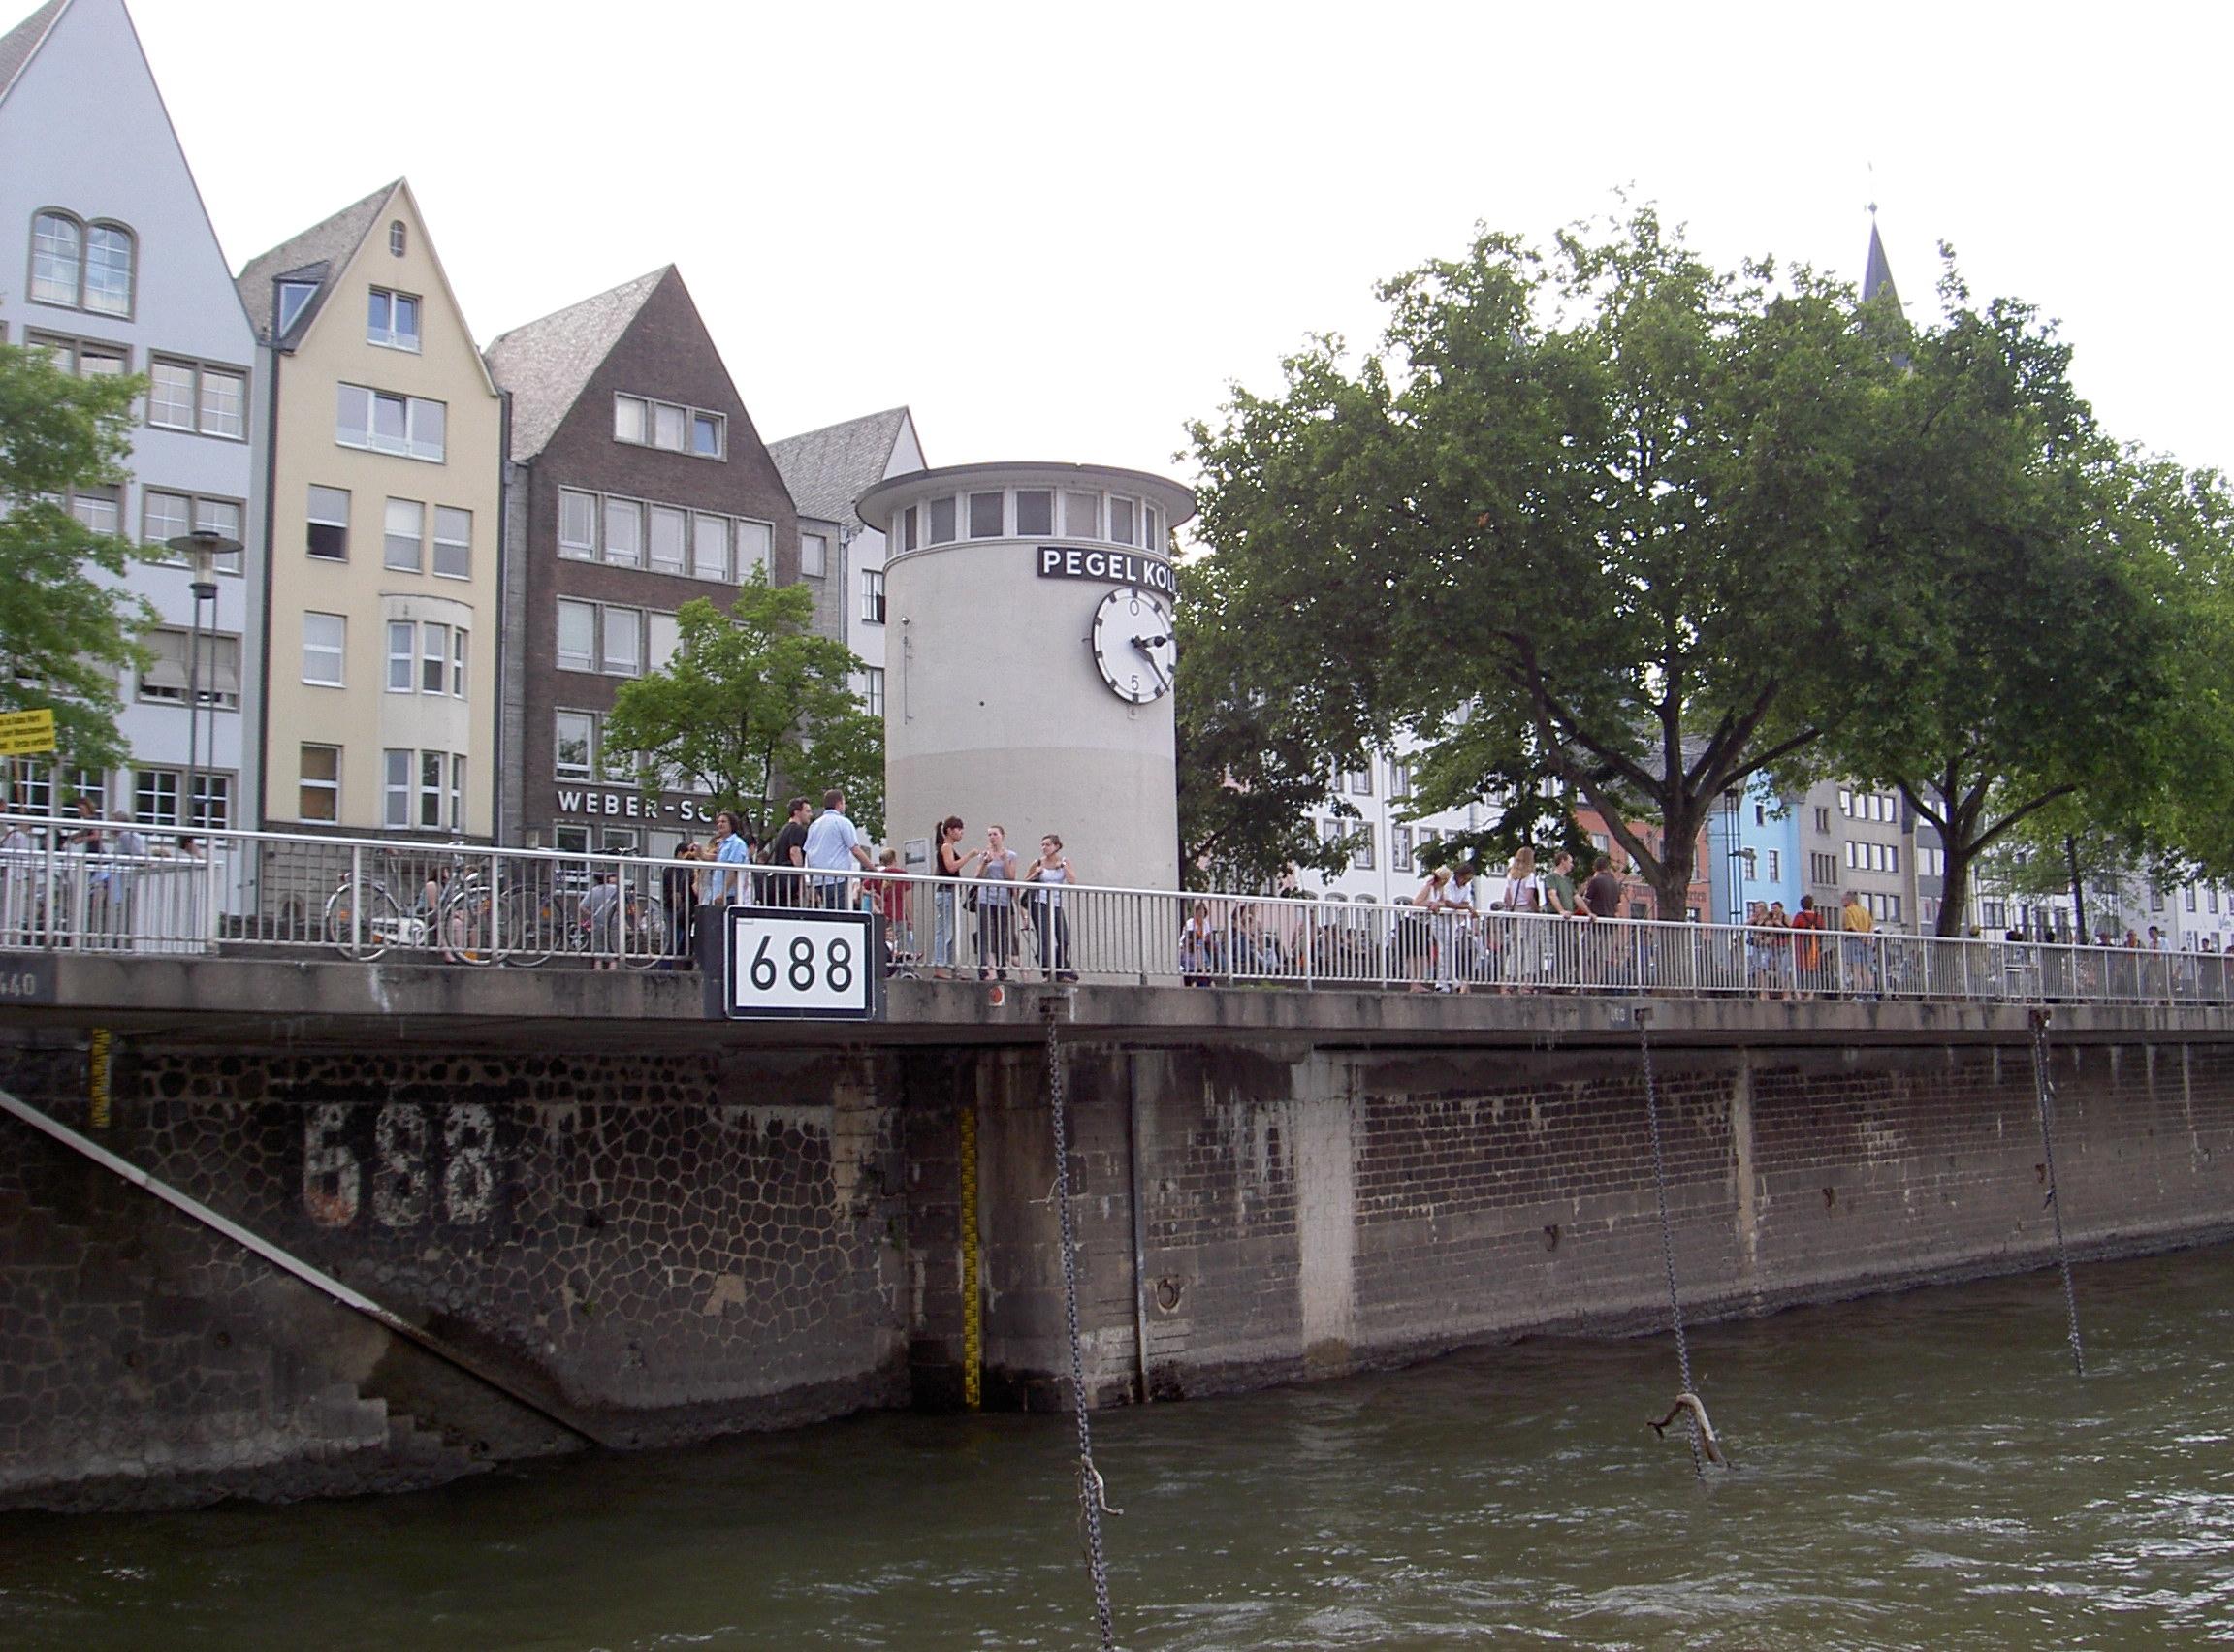 Der Pegel Köln und die BWaStr-Station 688 (Quelle: Schwandt, BfG Koblenz)